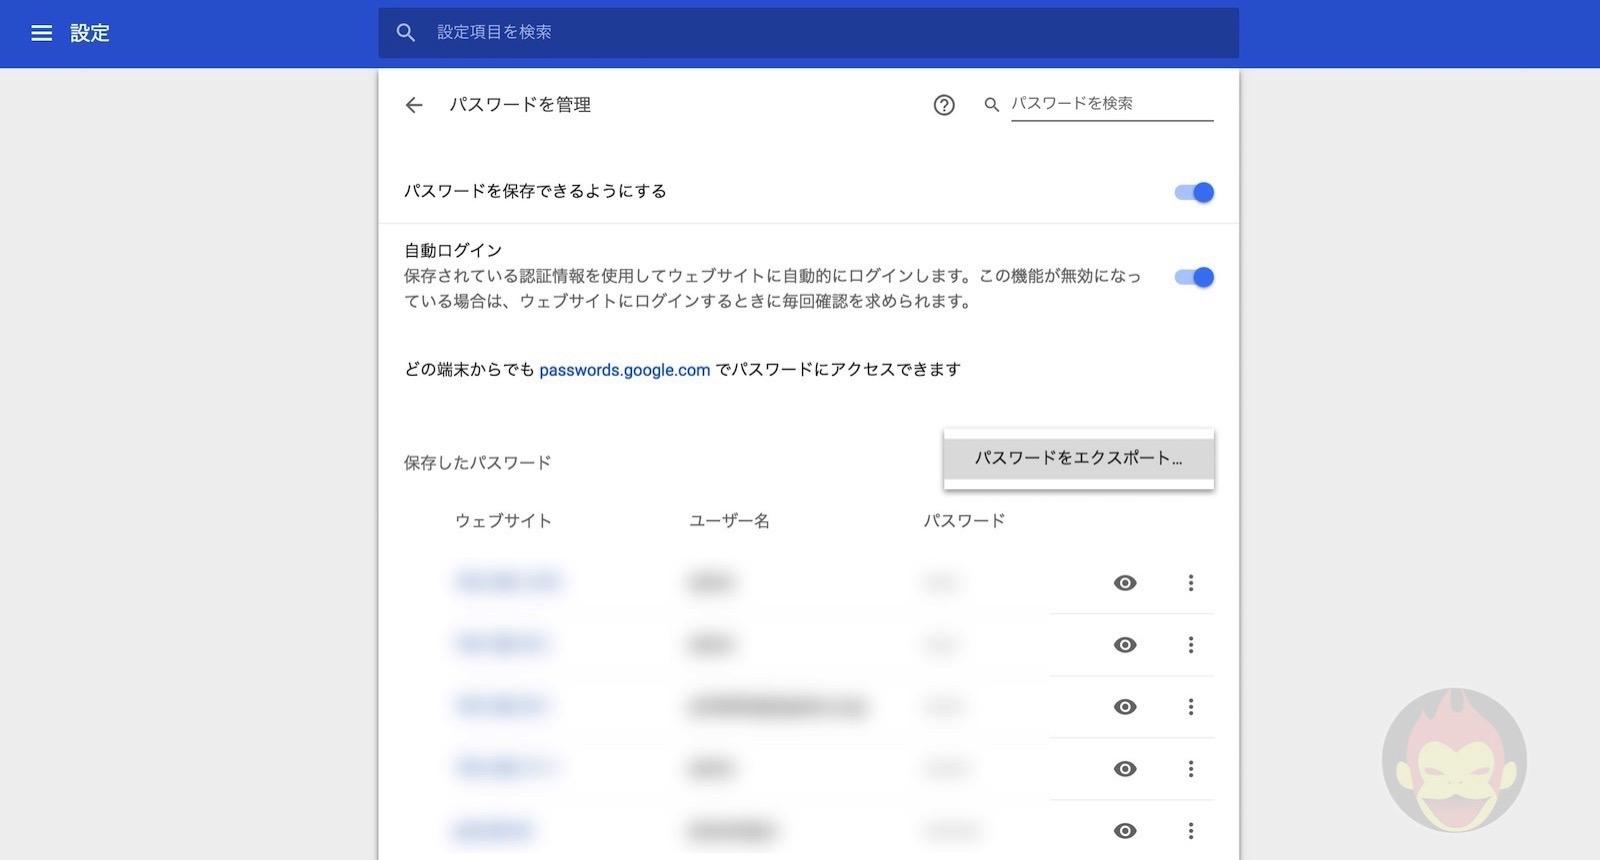 Password-Export-Tool-for-Chrome-01.jpg